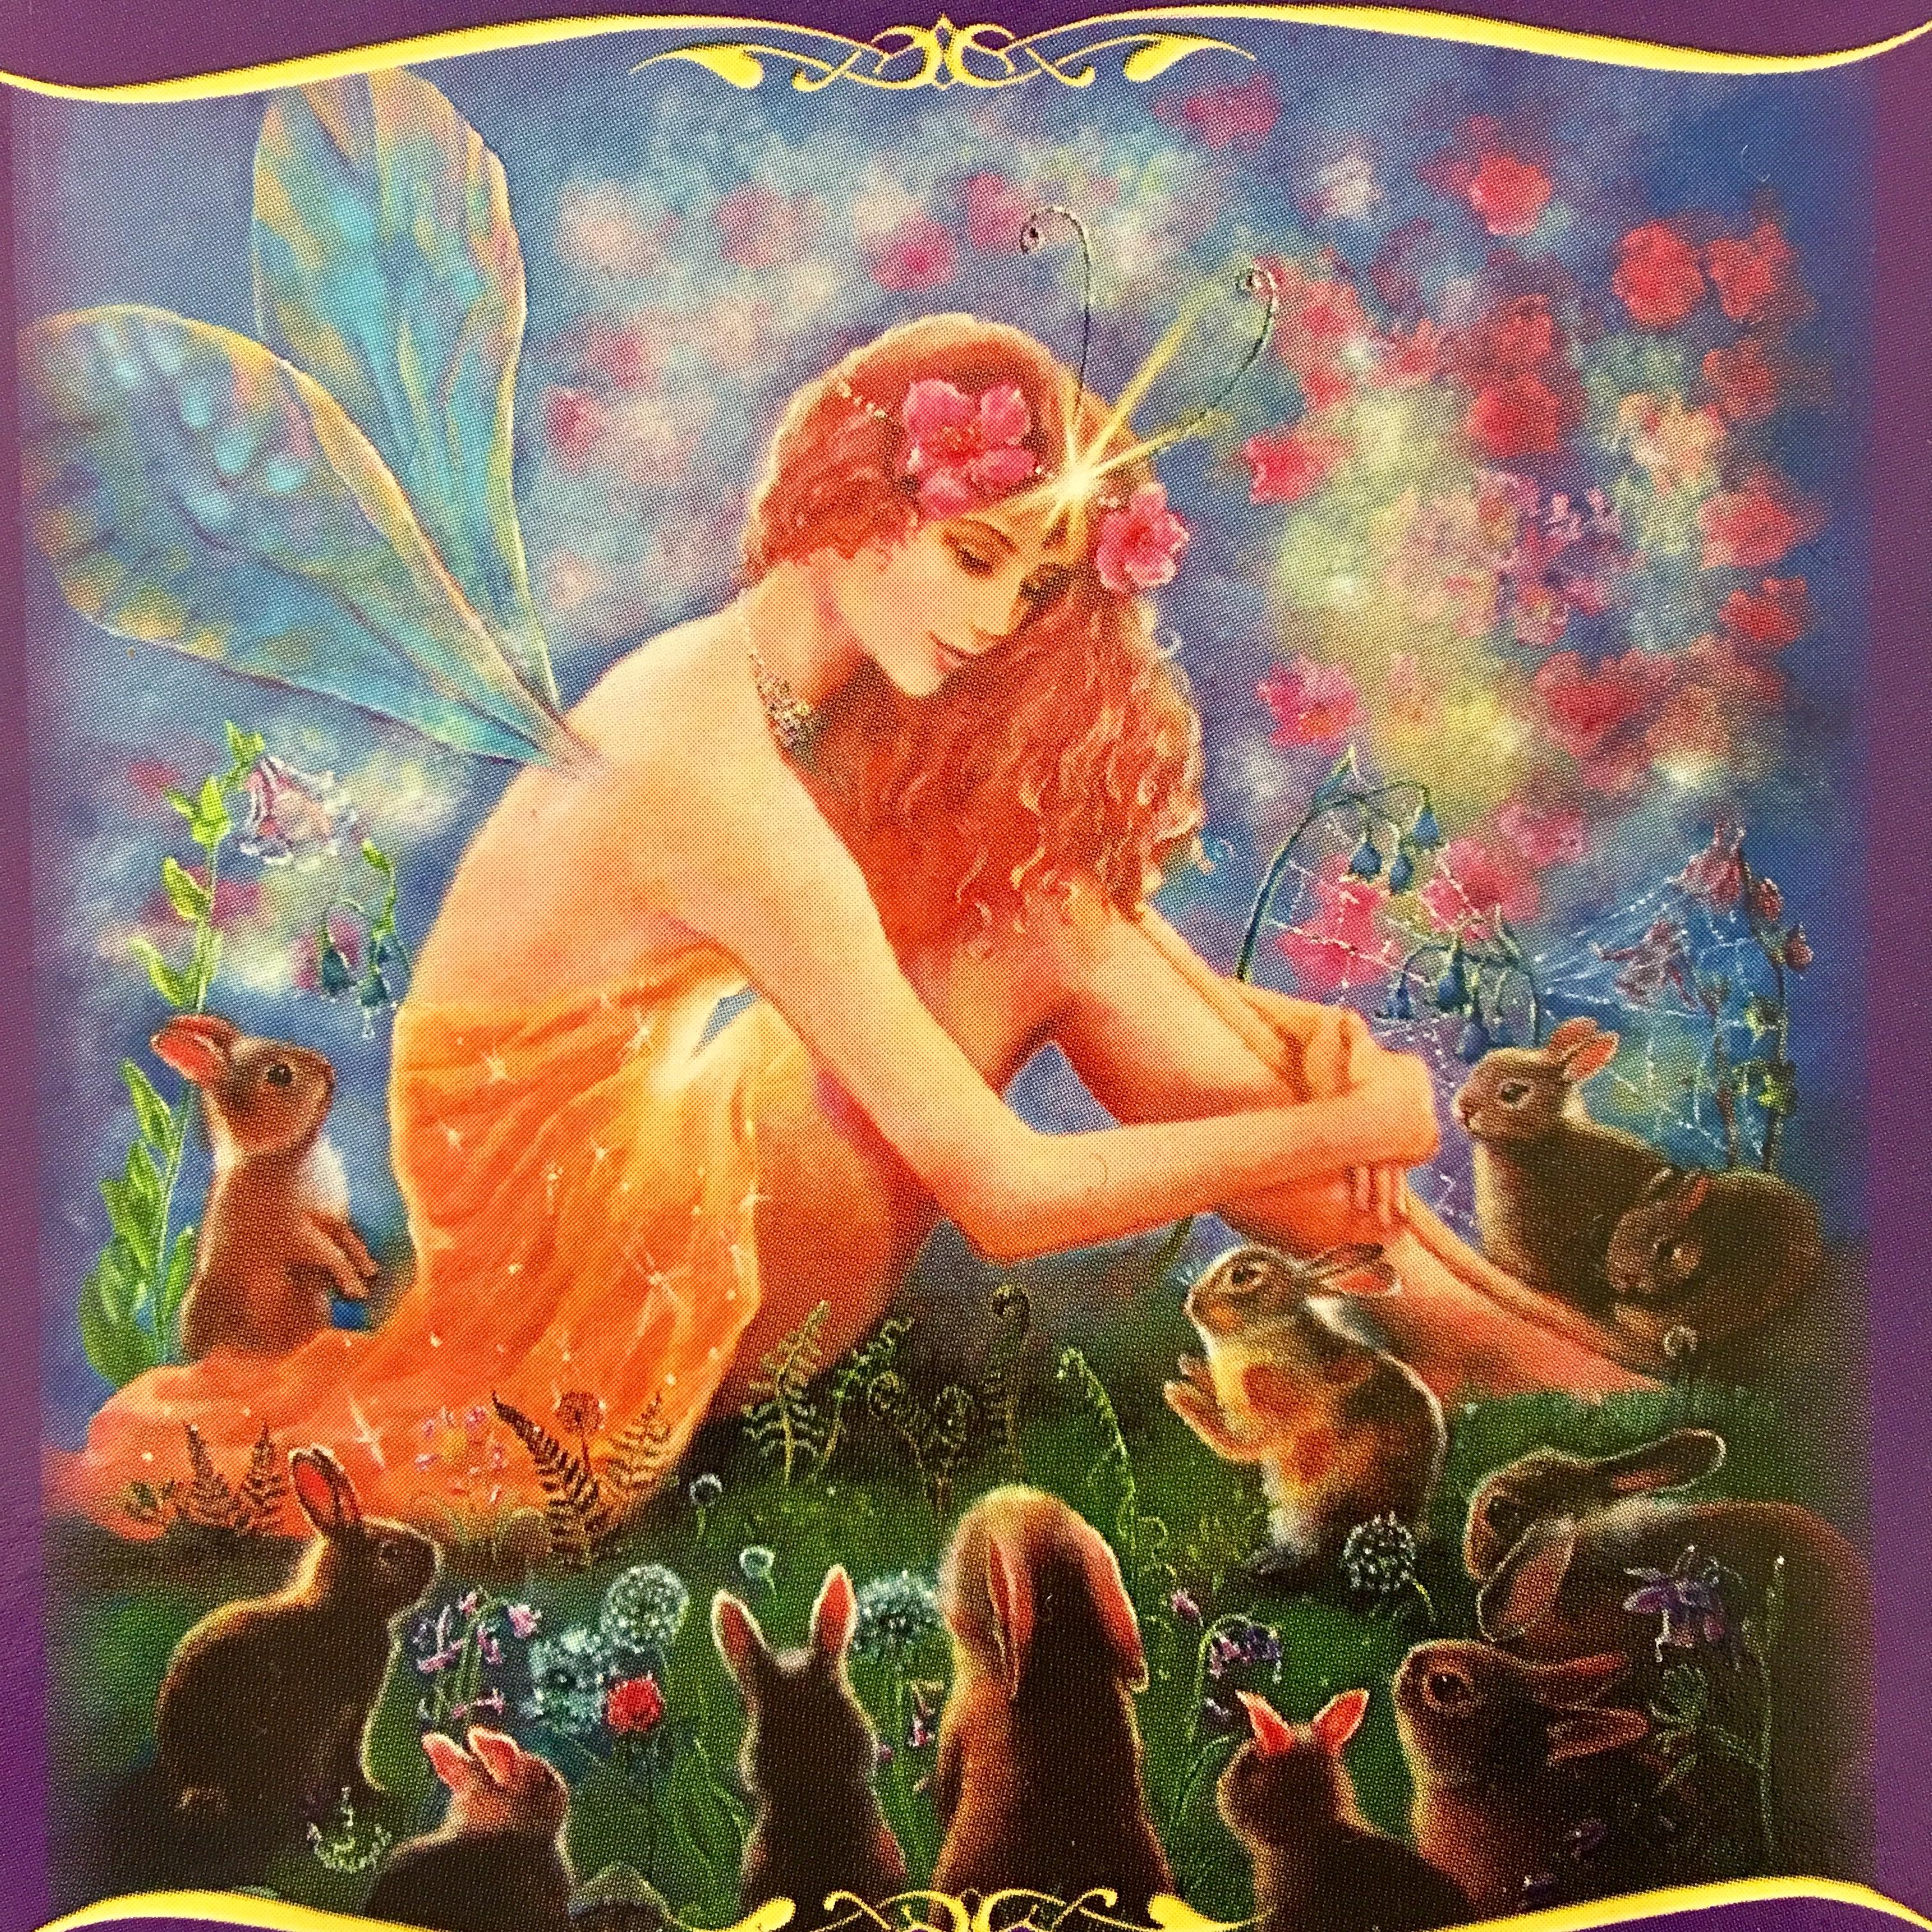 神奇精靈指引卡:靈性老師Spiritual Teacher